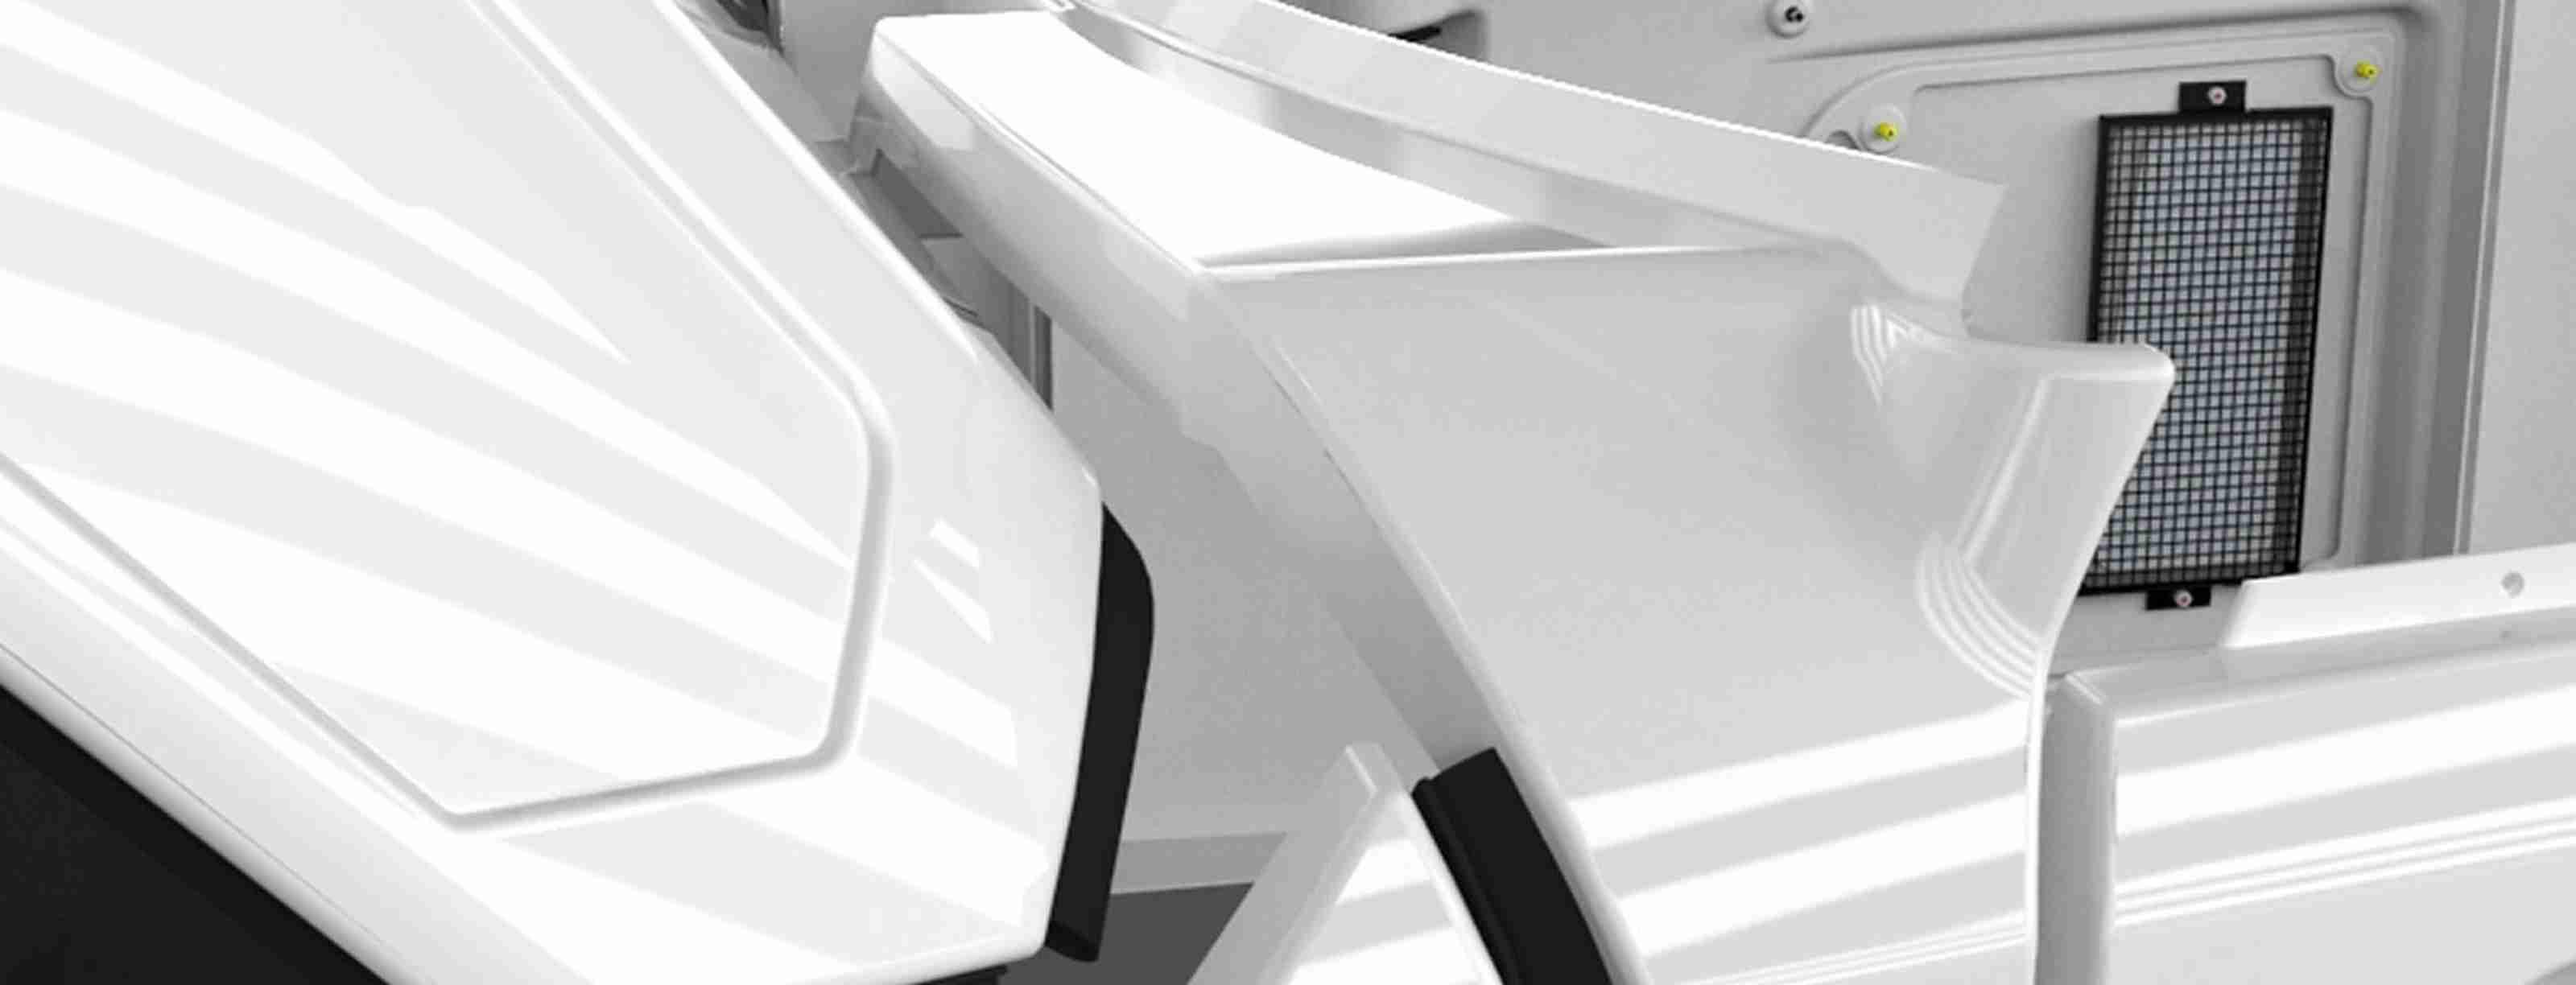 Pièces en plastiques intérieures et extérieures pour véhicules industriels et boitiers pour machines et matériel mécanique